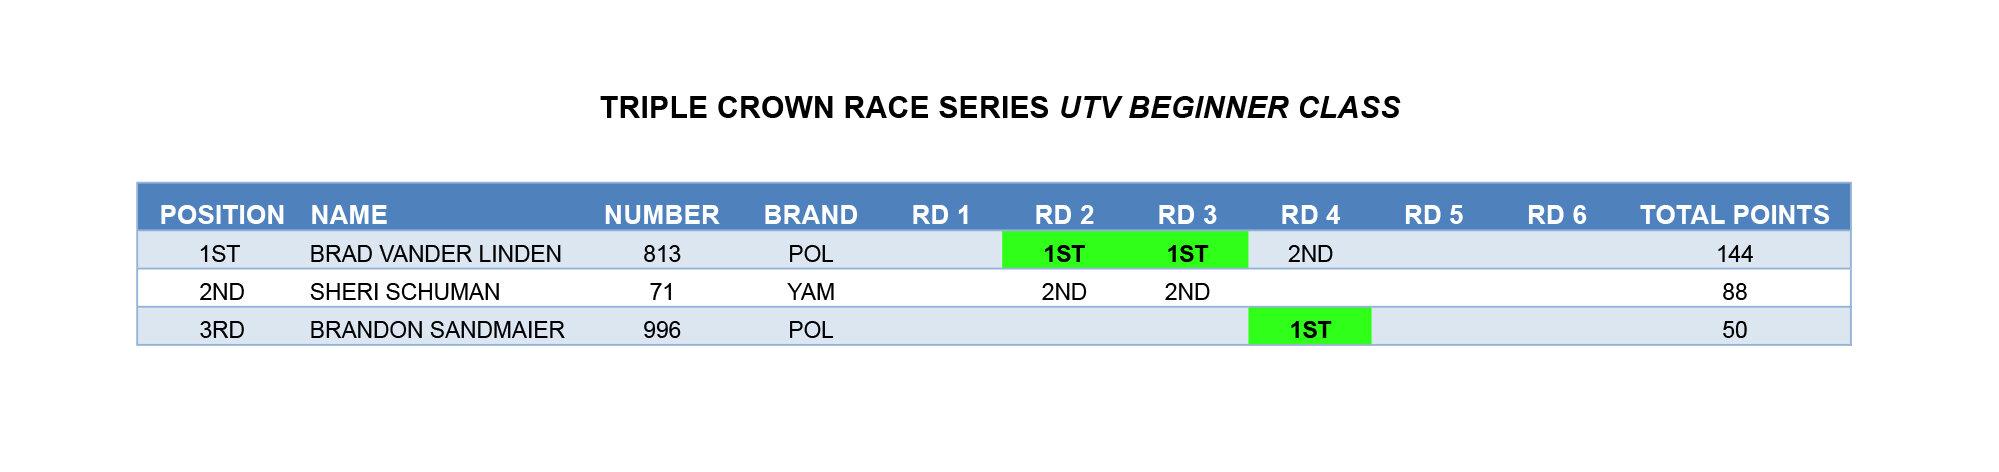 TCRS POINTS  16-UTV BEG copy.jpg